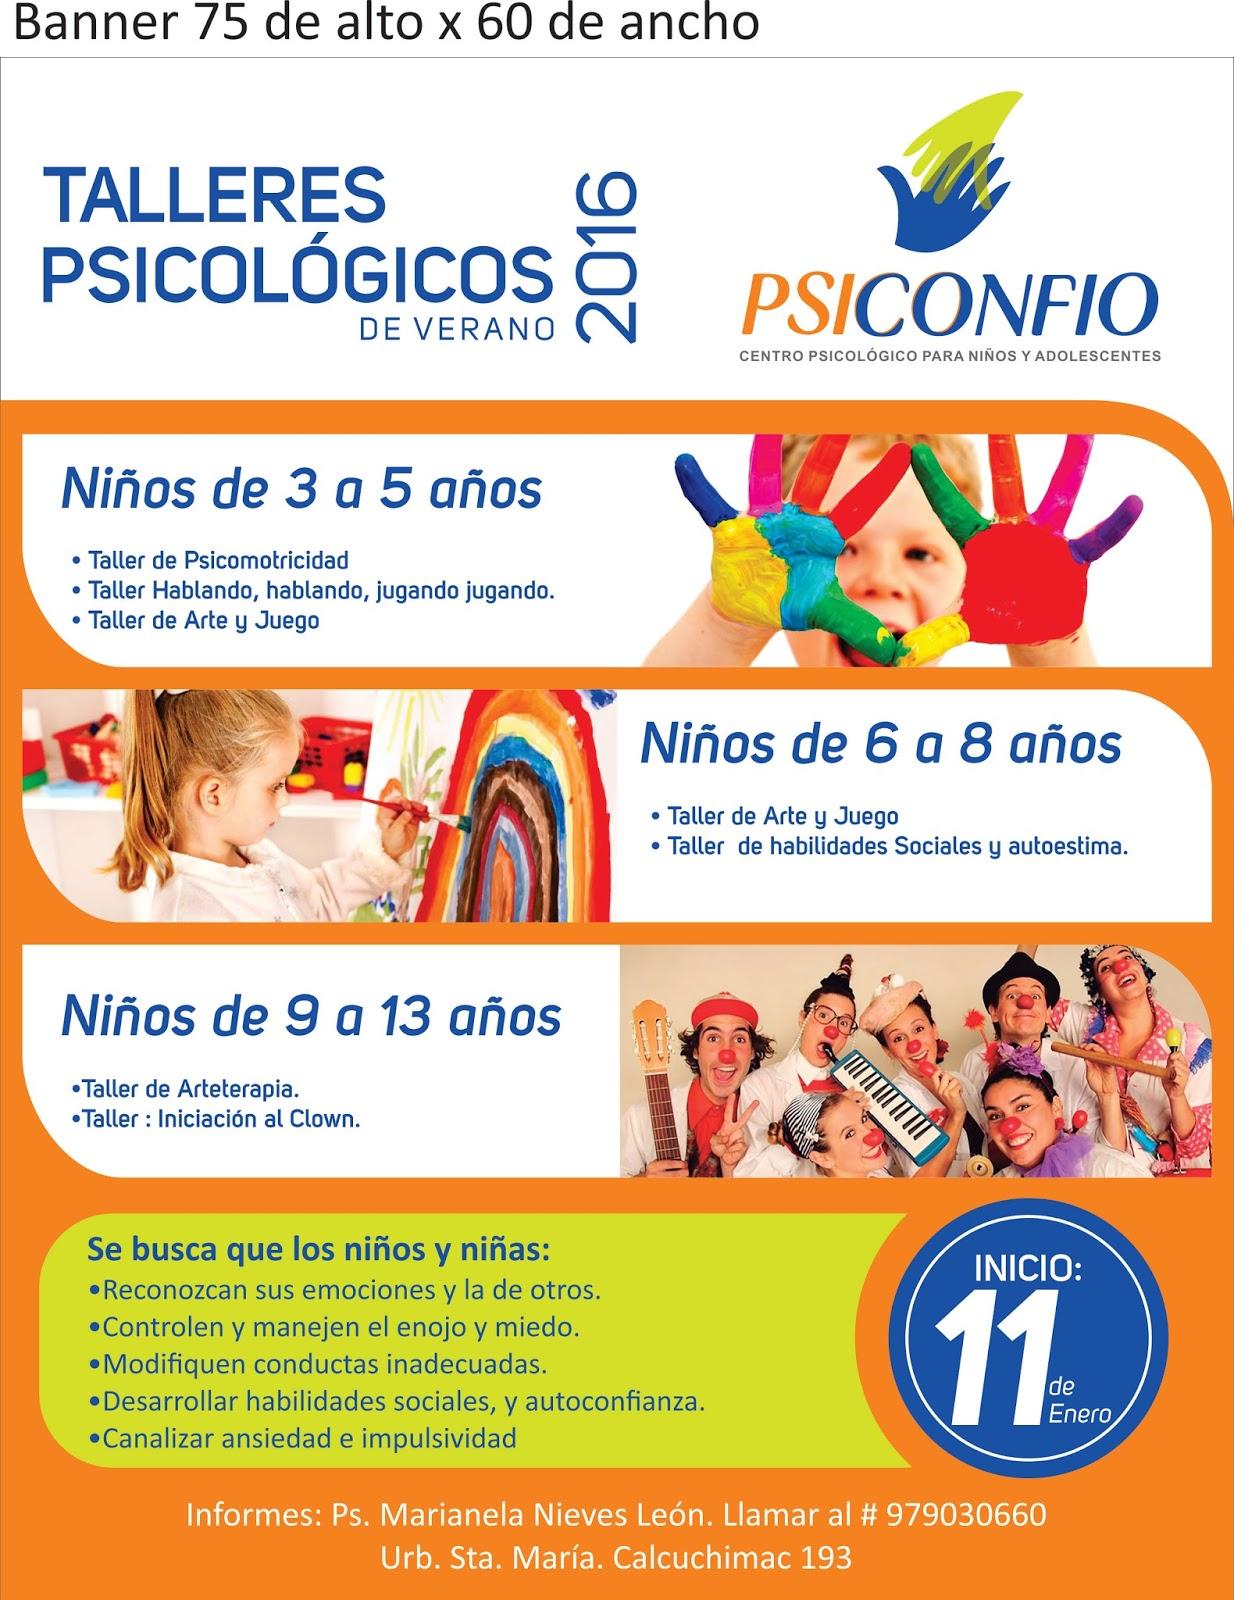 Psiconfio Centro Psicol Gico Talleres De Verano 2016 Para Talleres Para  Ninos Valencia